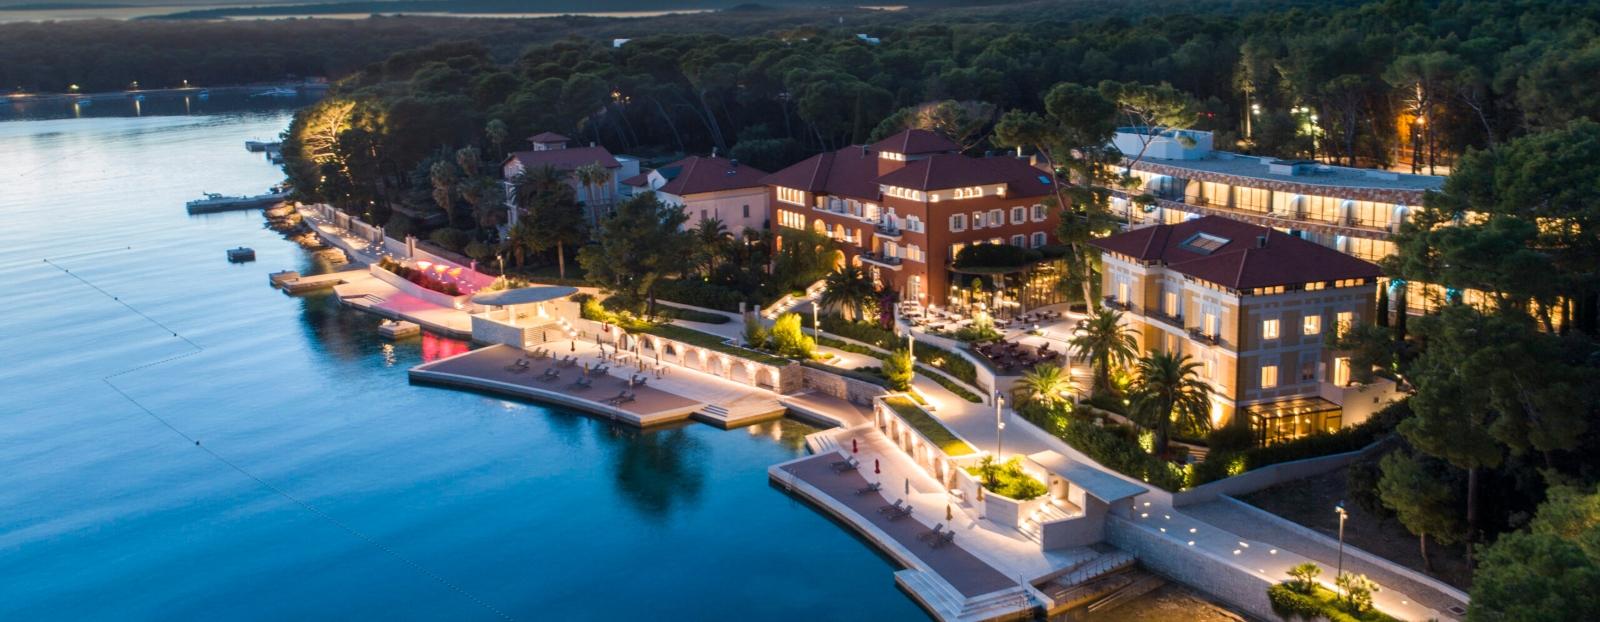 Lošinj Hotels & Villas – Mesto gde sijaju gastronomske zvezde